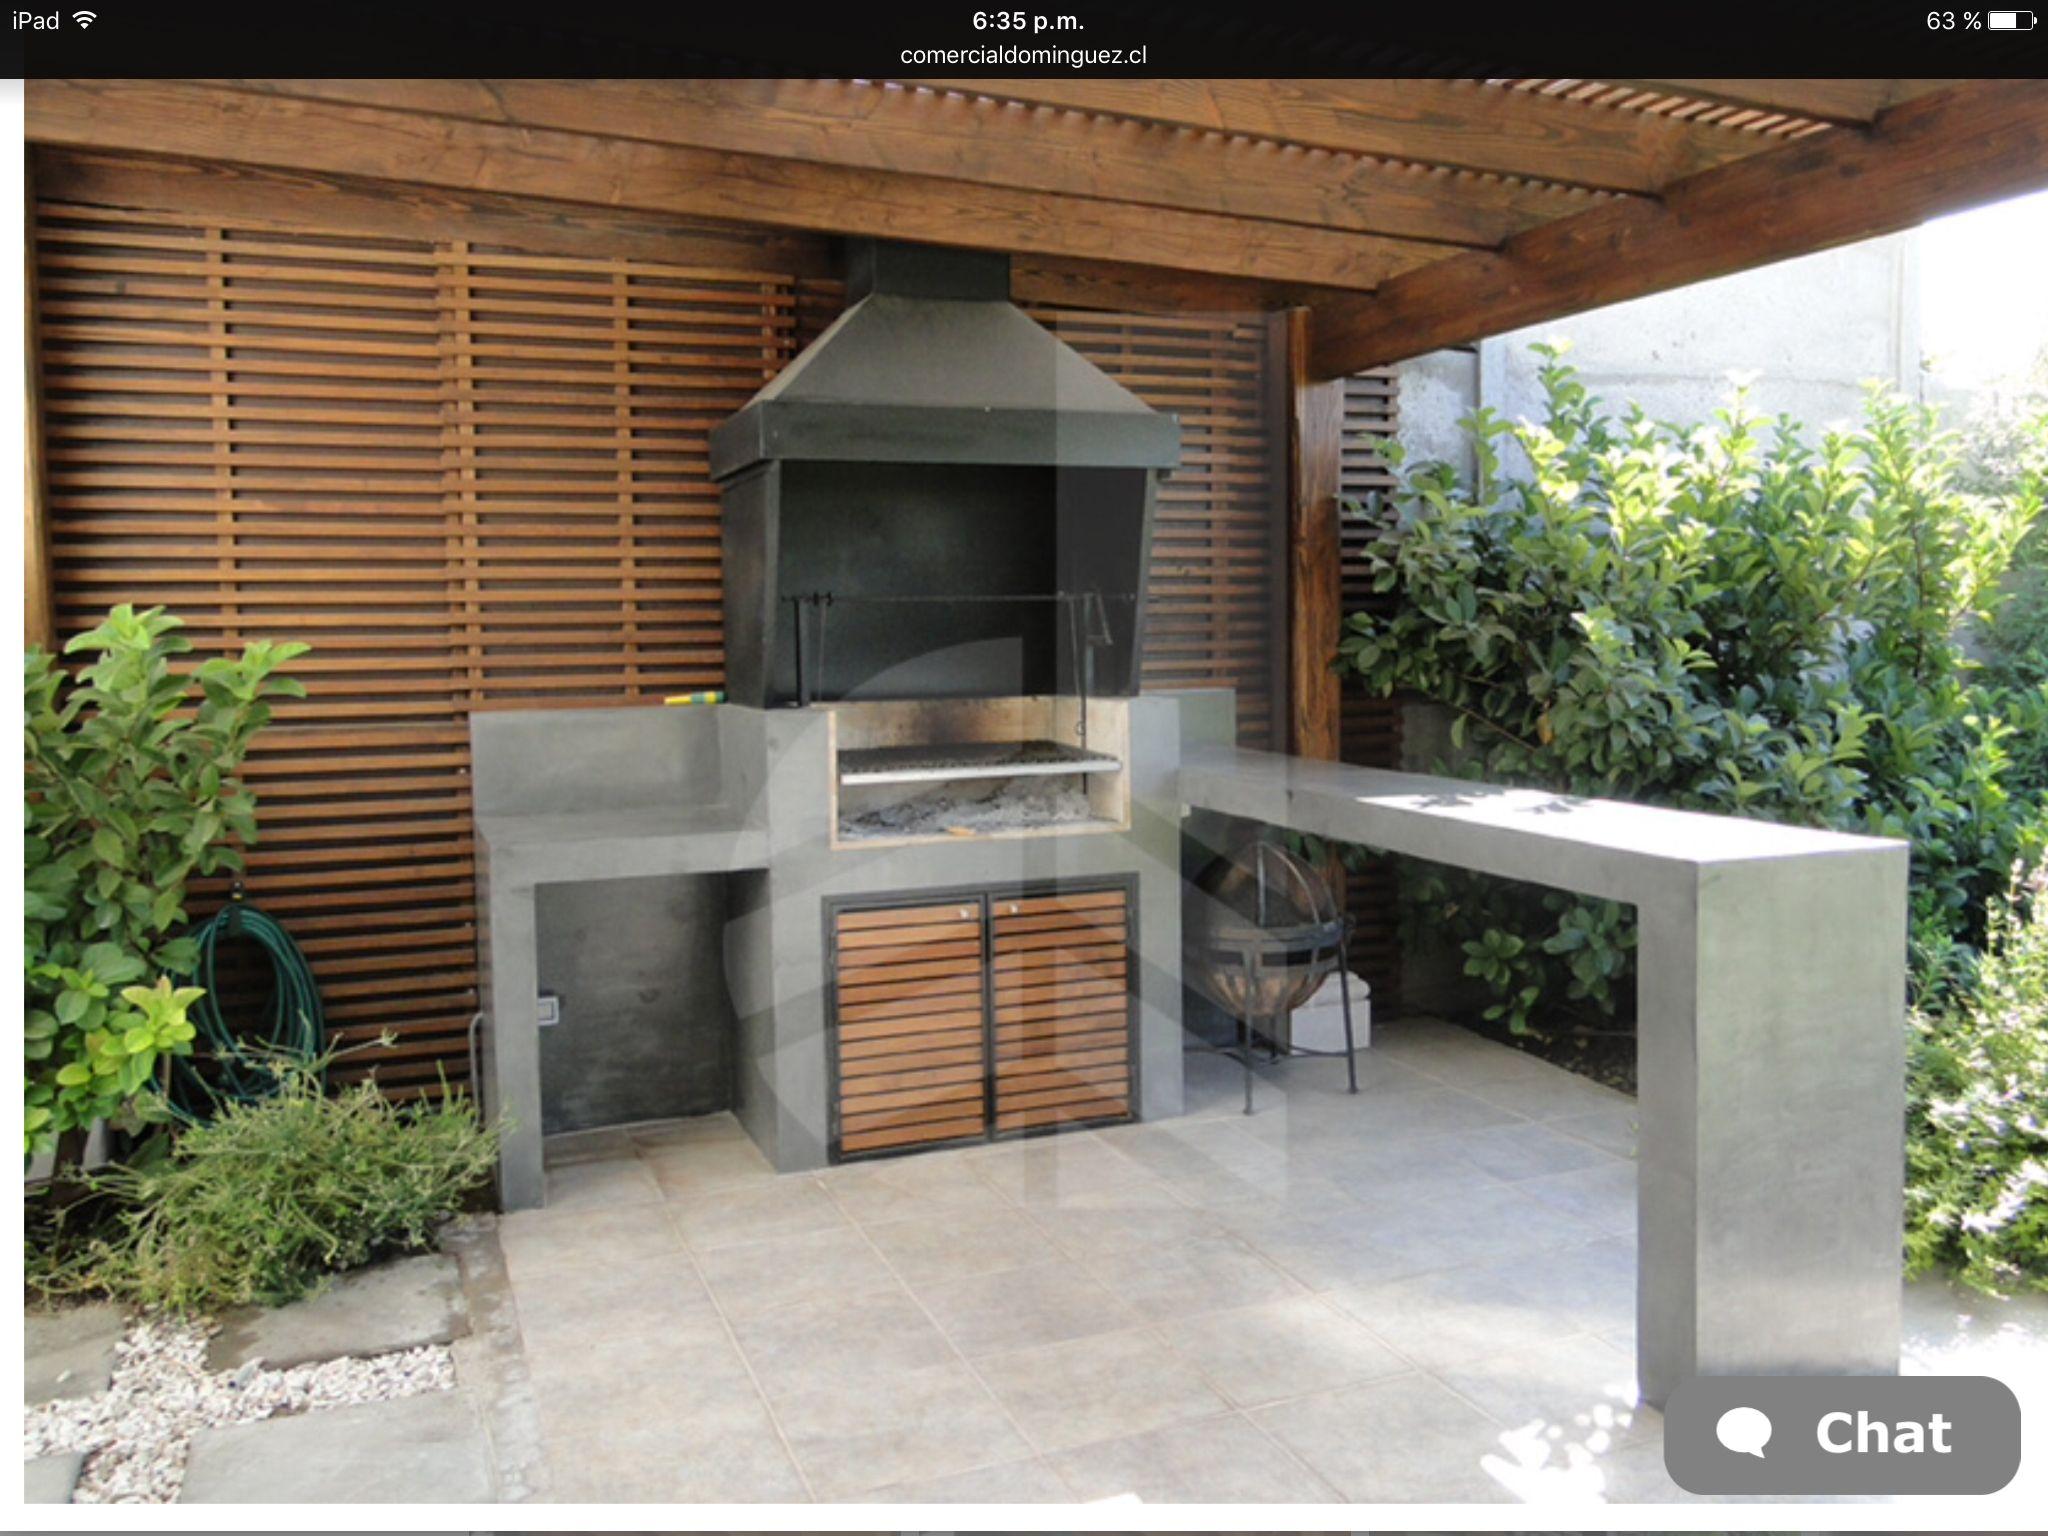 Quincho terrazas y quinchos pinterest churrasqueira - El porche de octaviano ...